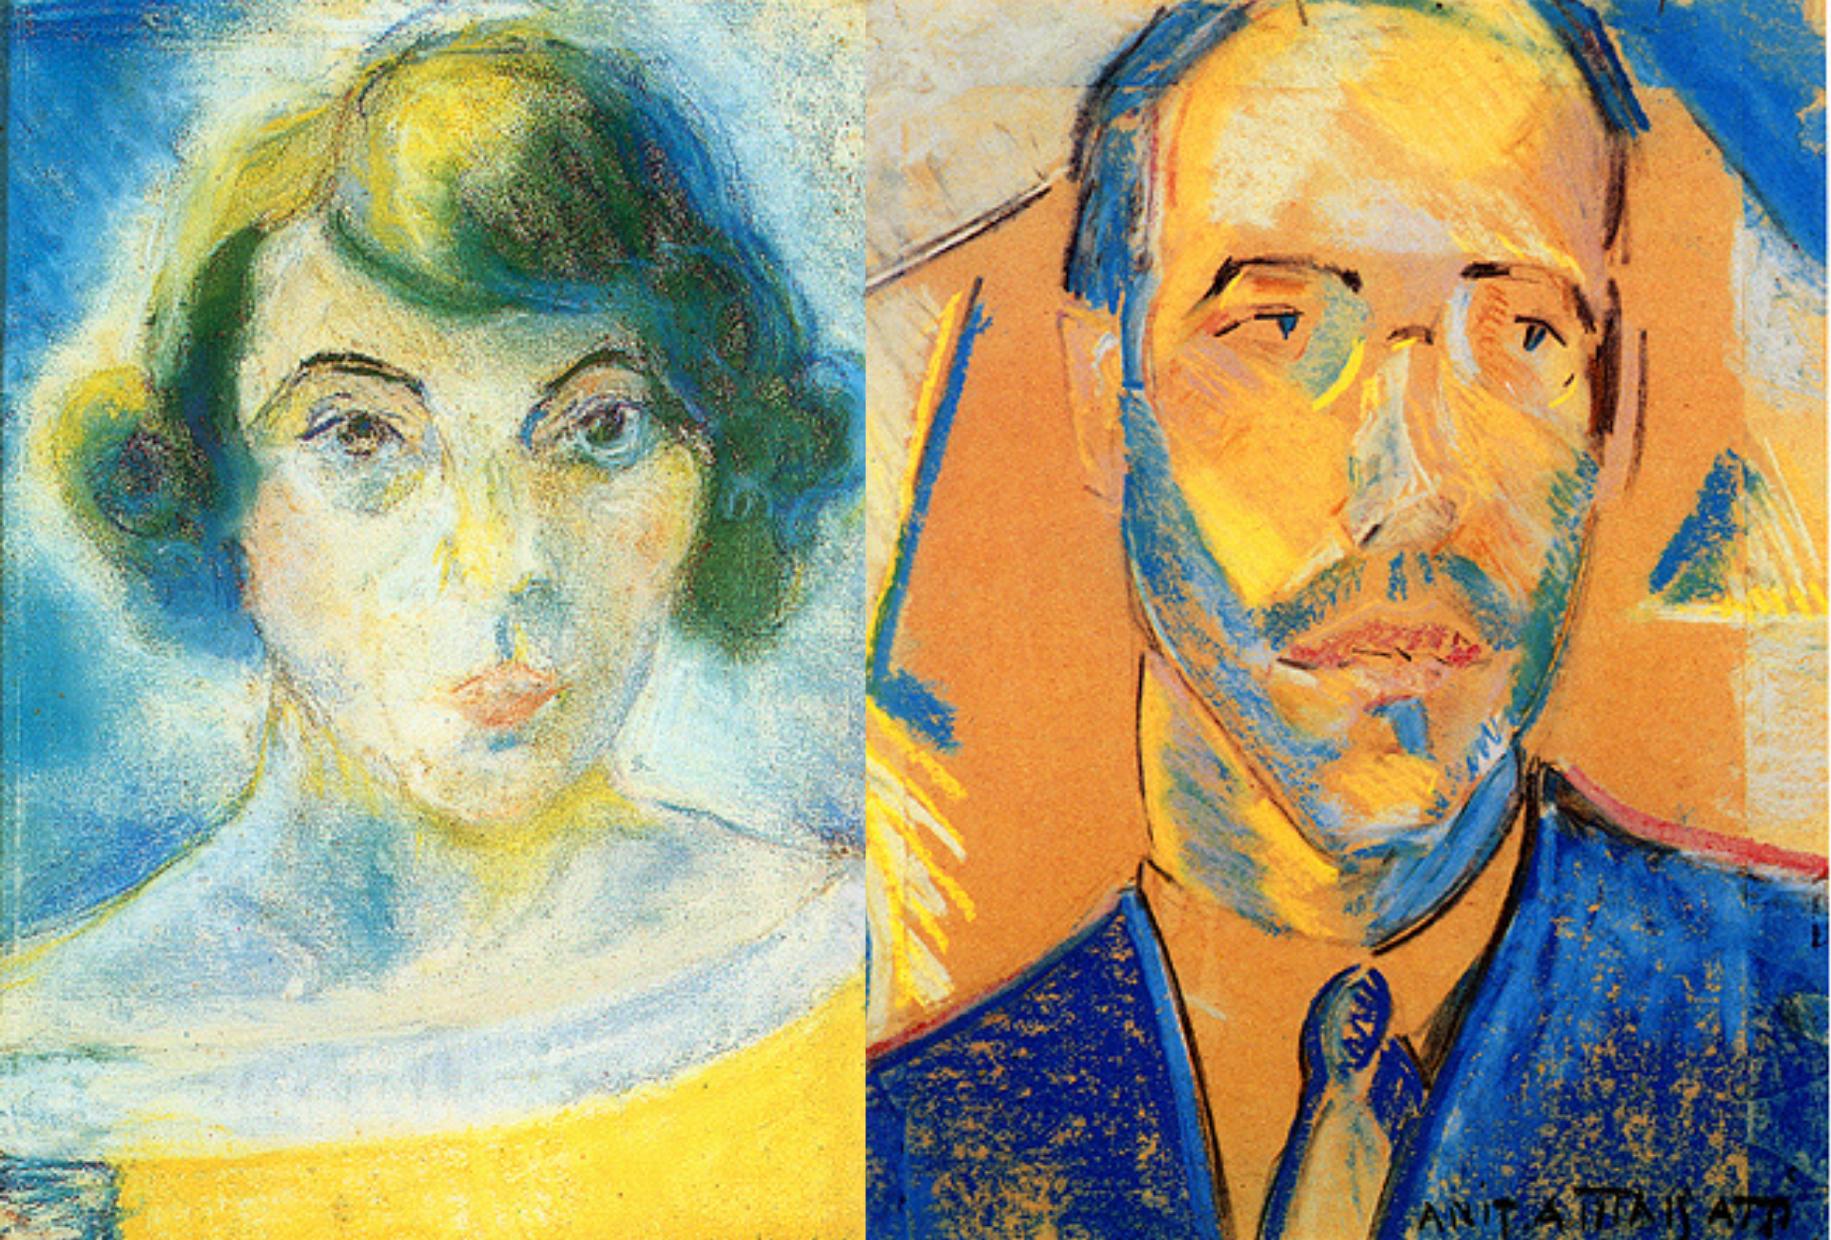 Autorretrato e Retrato de Mário de Andrade, respectivamente.